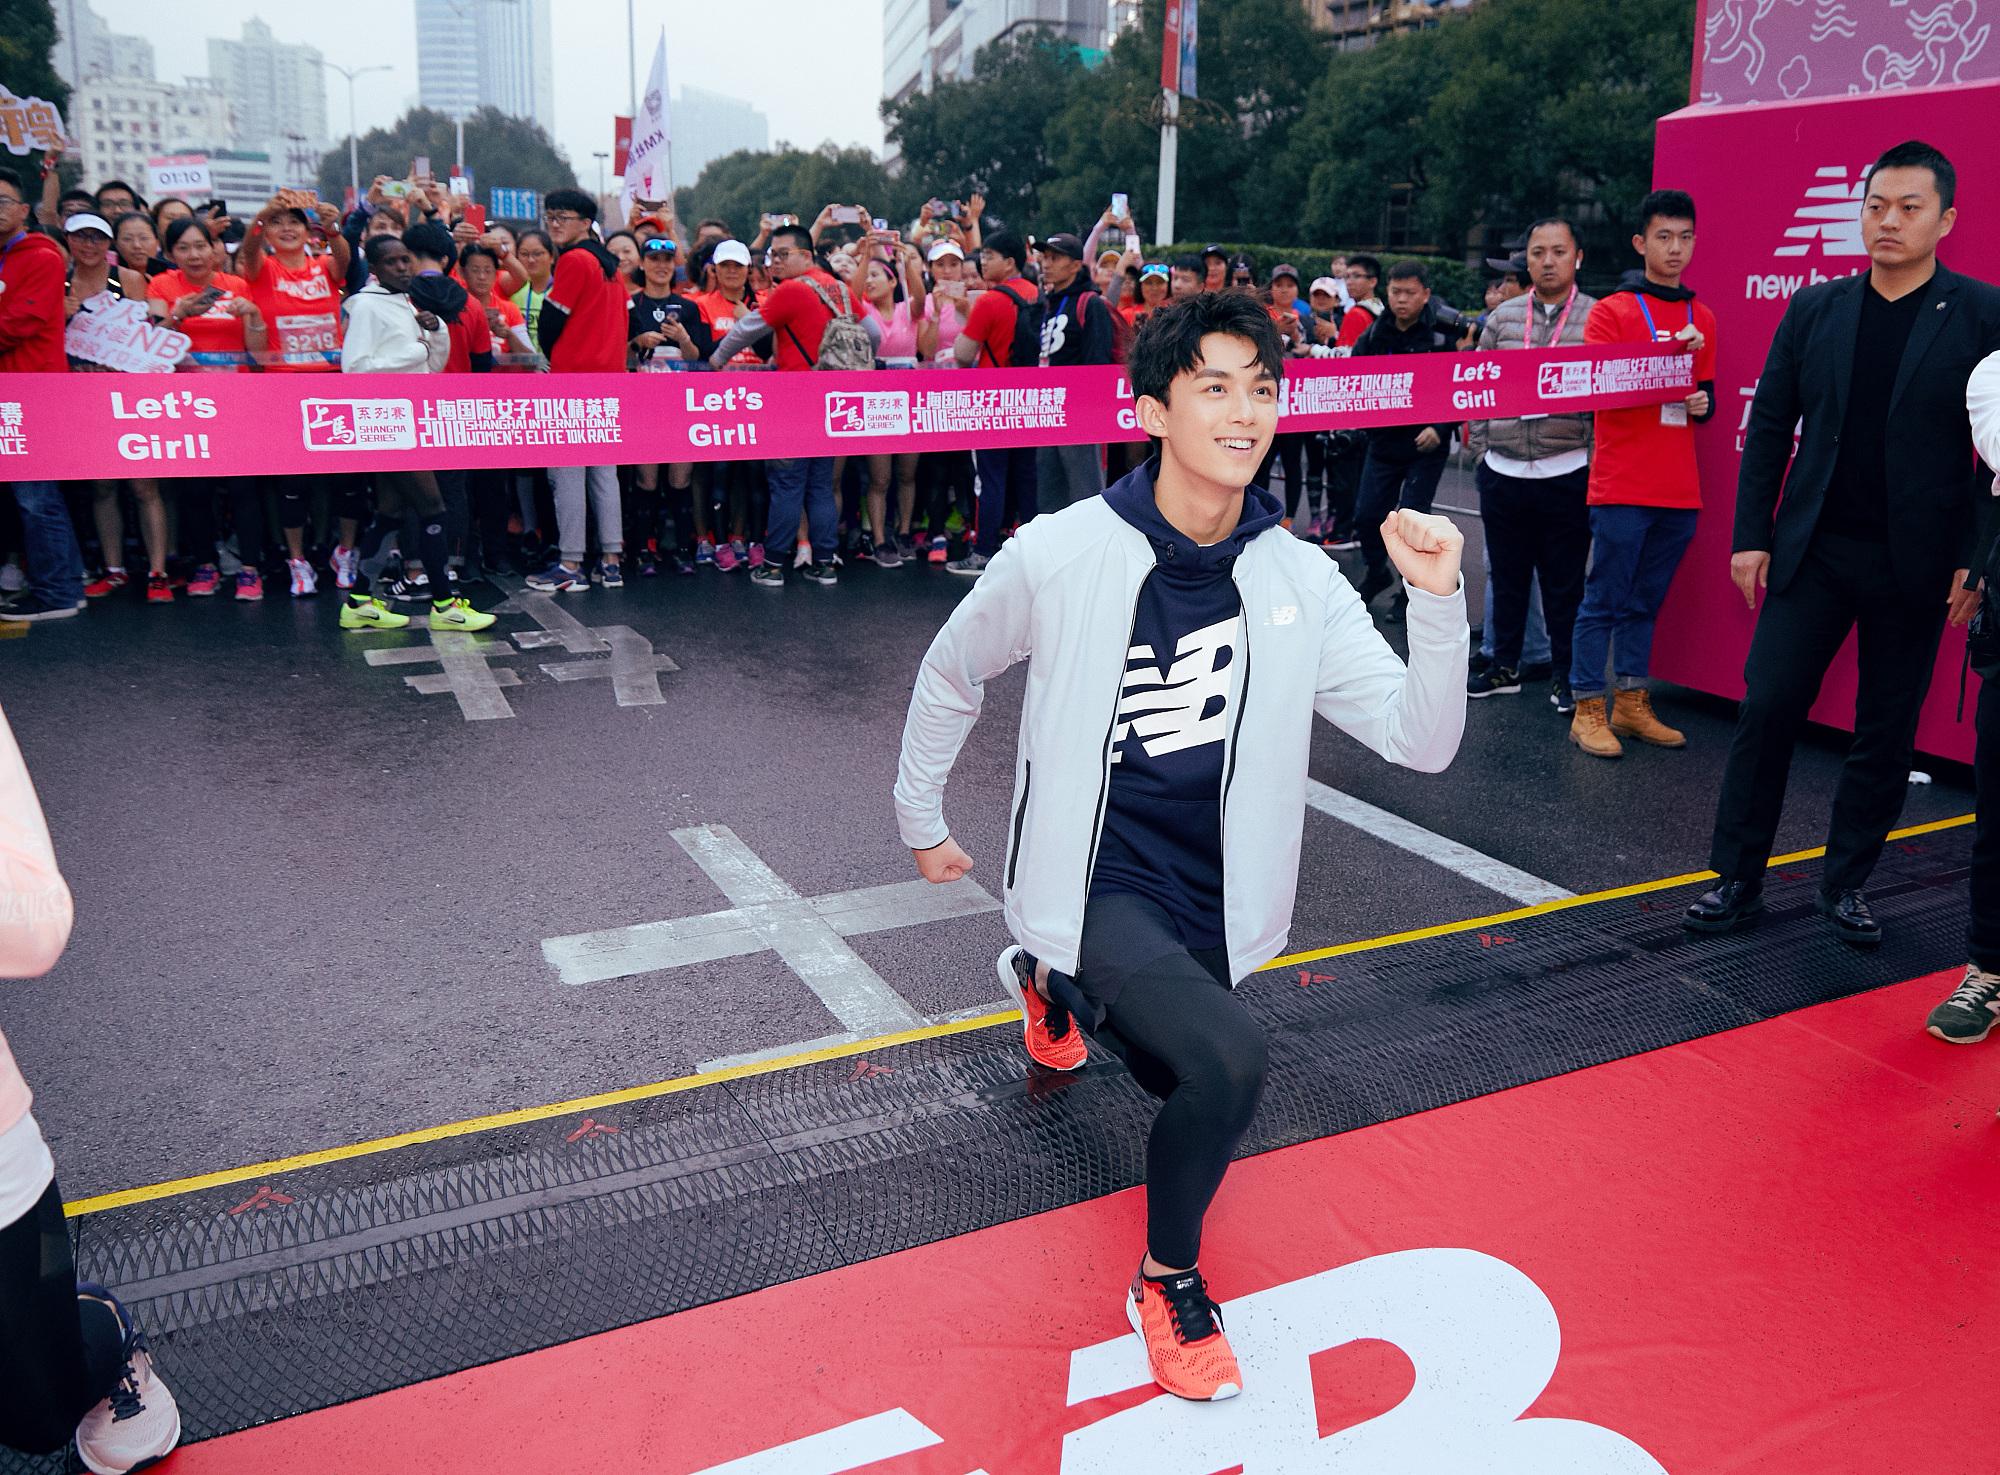 吴磊脱外套冒寒助力赛场变运动少年 灿笑温暖清新撩人心弦